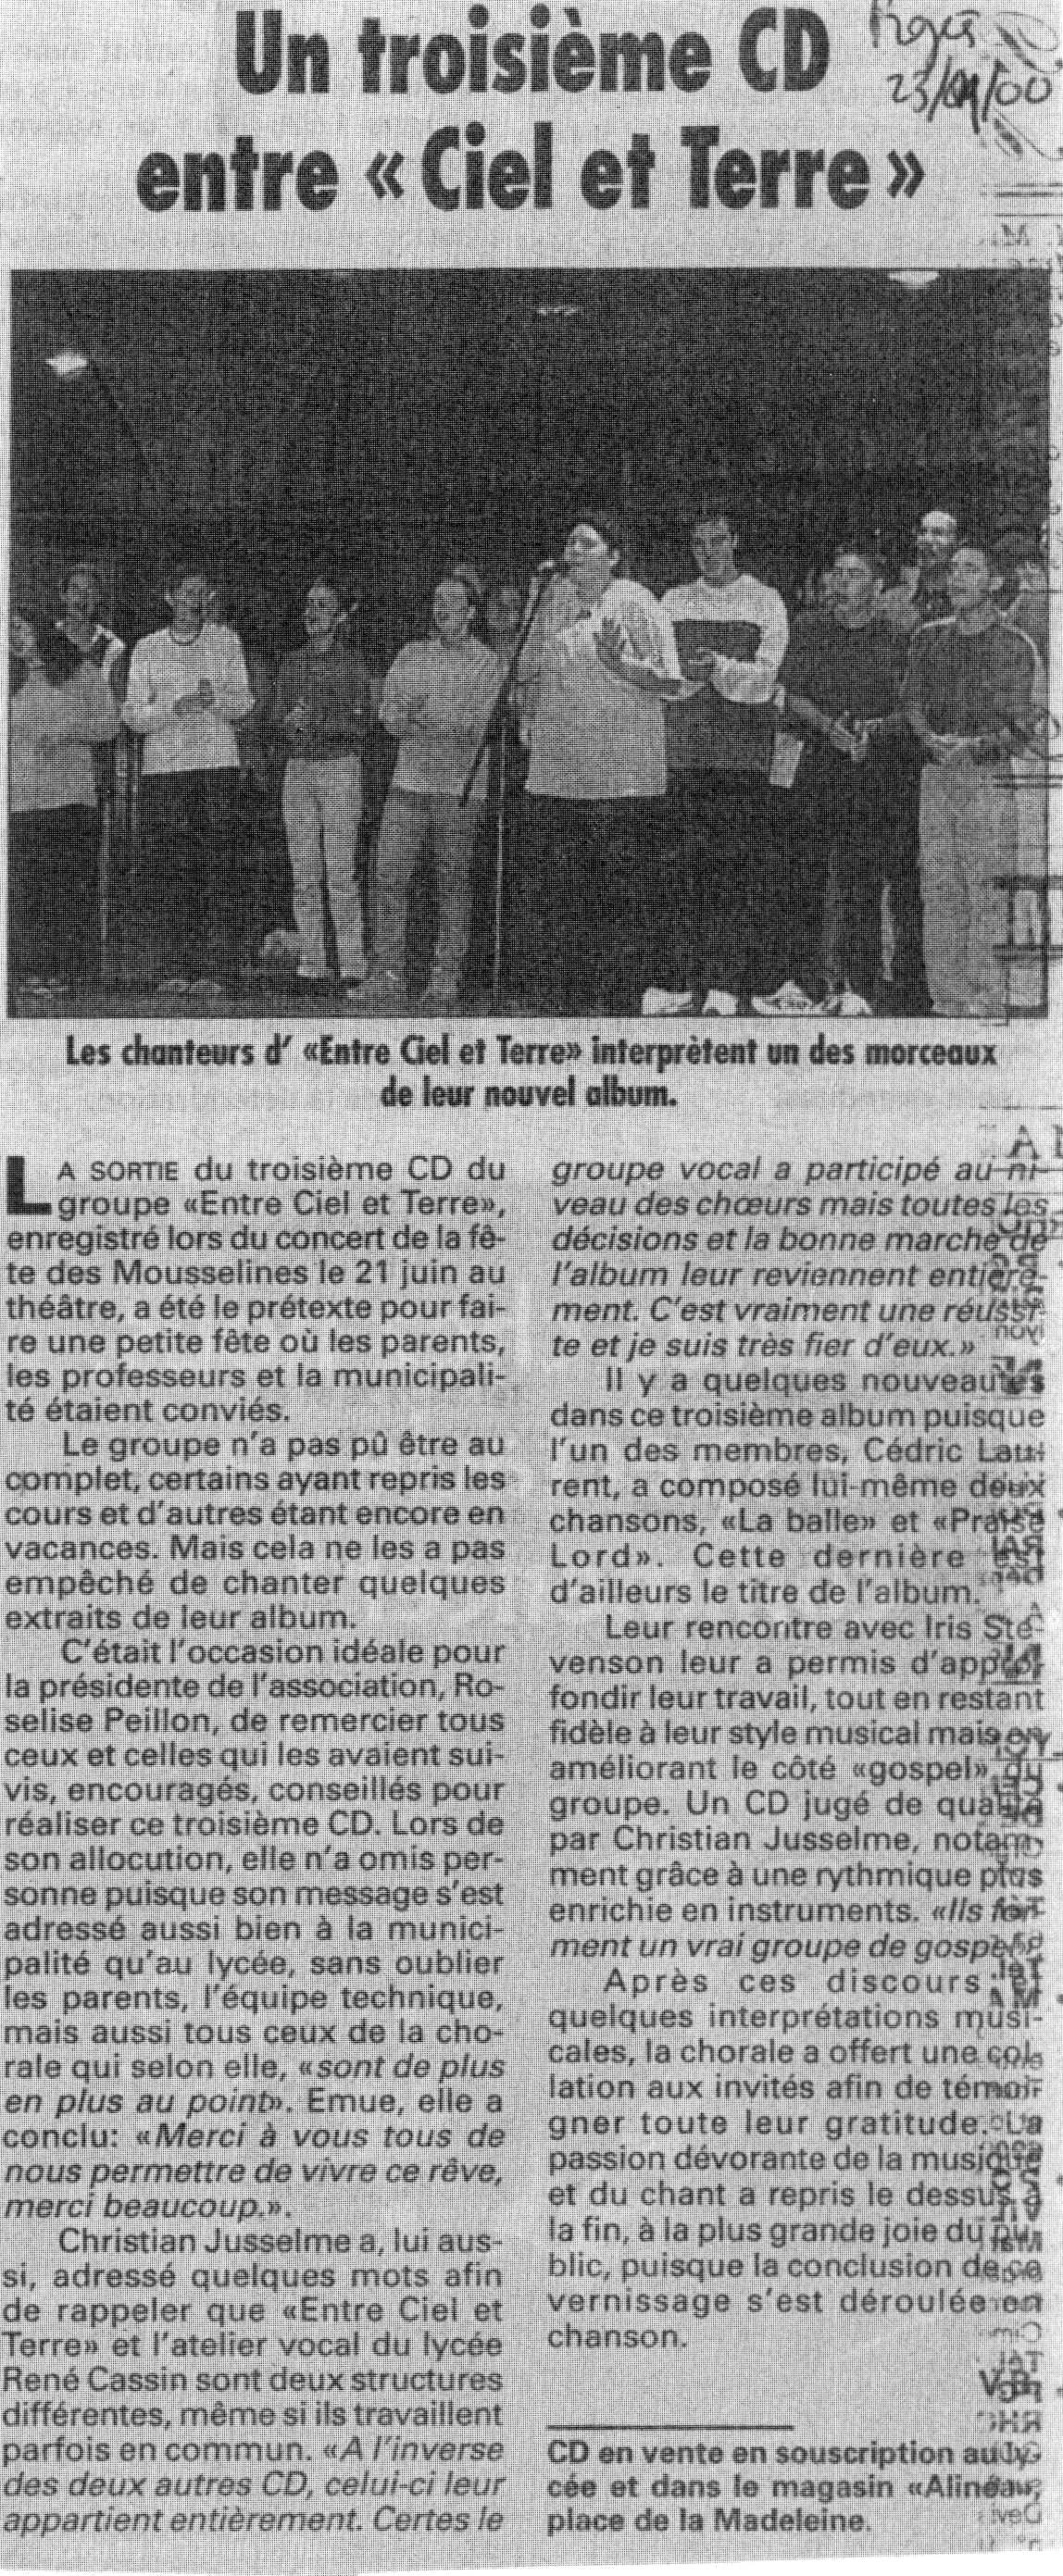 © Le Progrès   23 sept. 2000